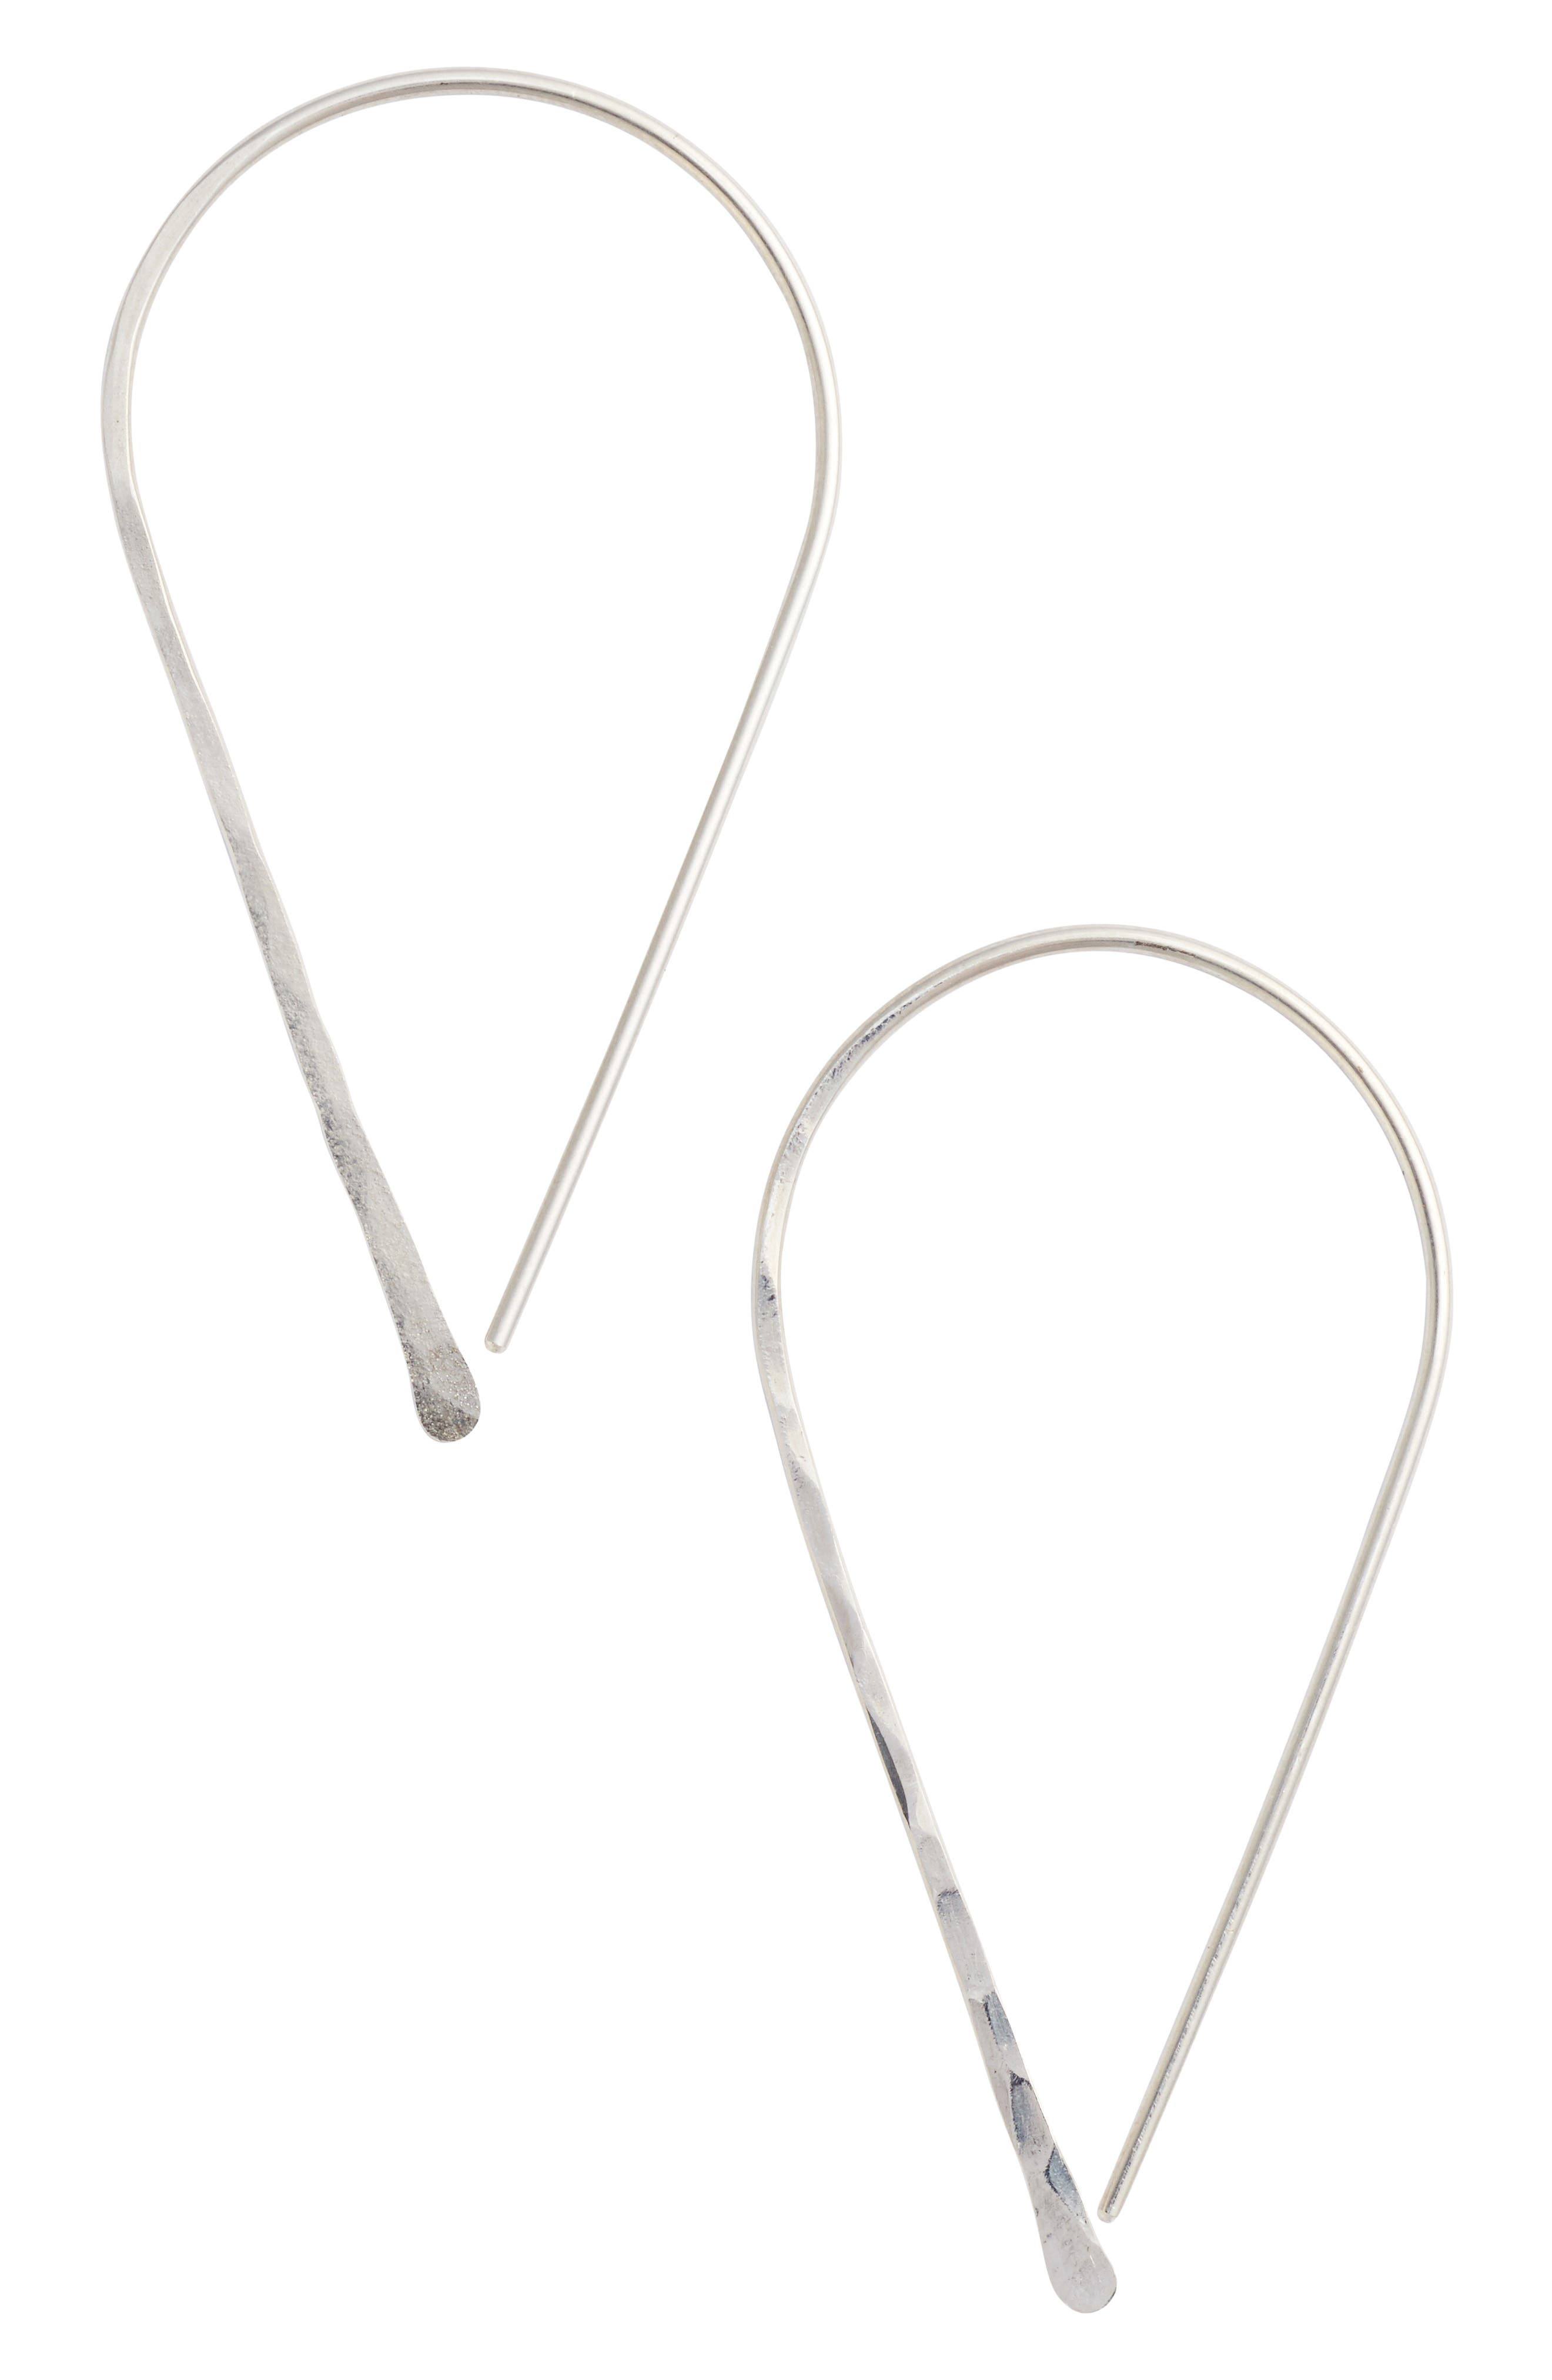 Nashelle Lucky Threader Earrings